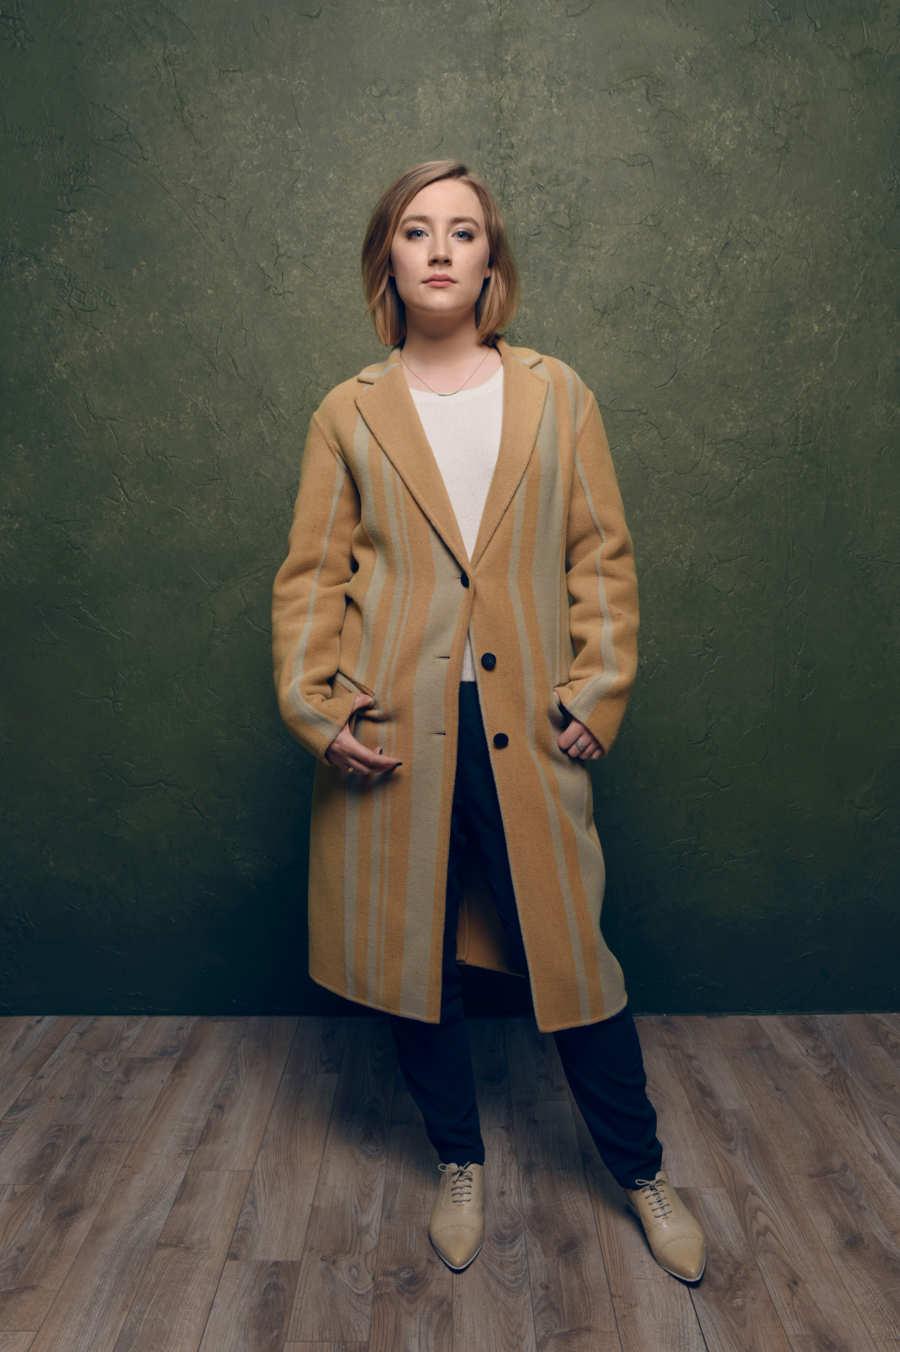 Saoirse-Ronan-32-03232017.w450.h676.2x.jpg